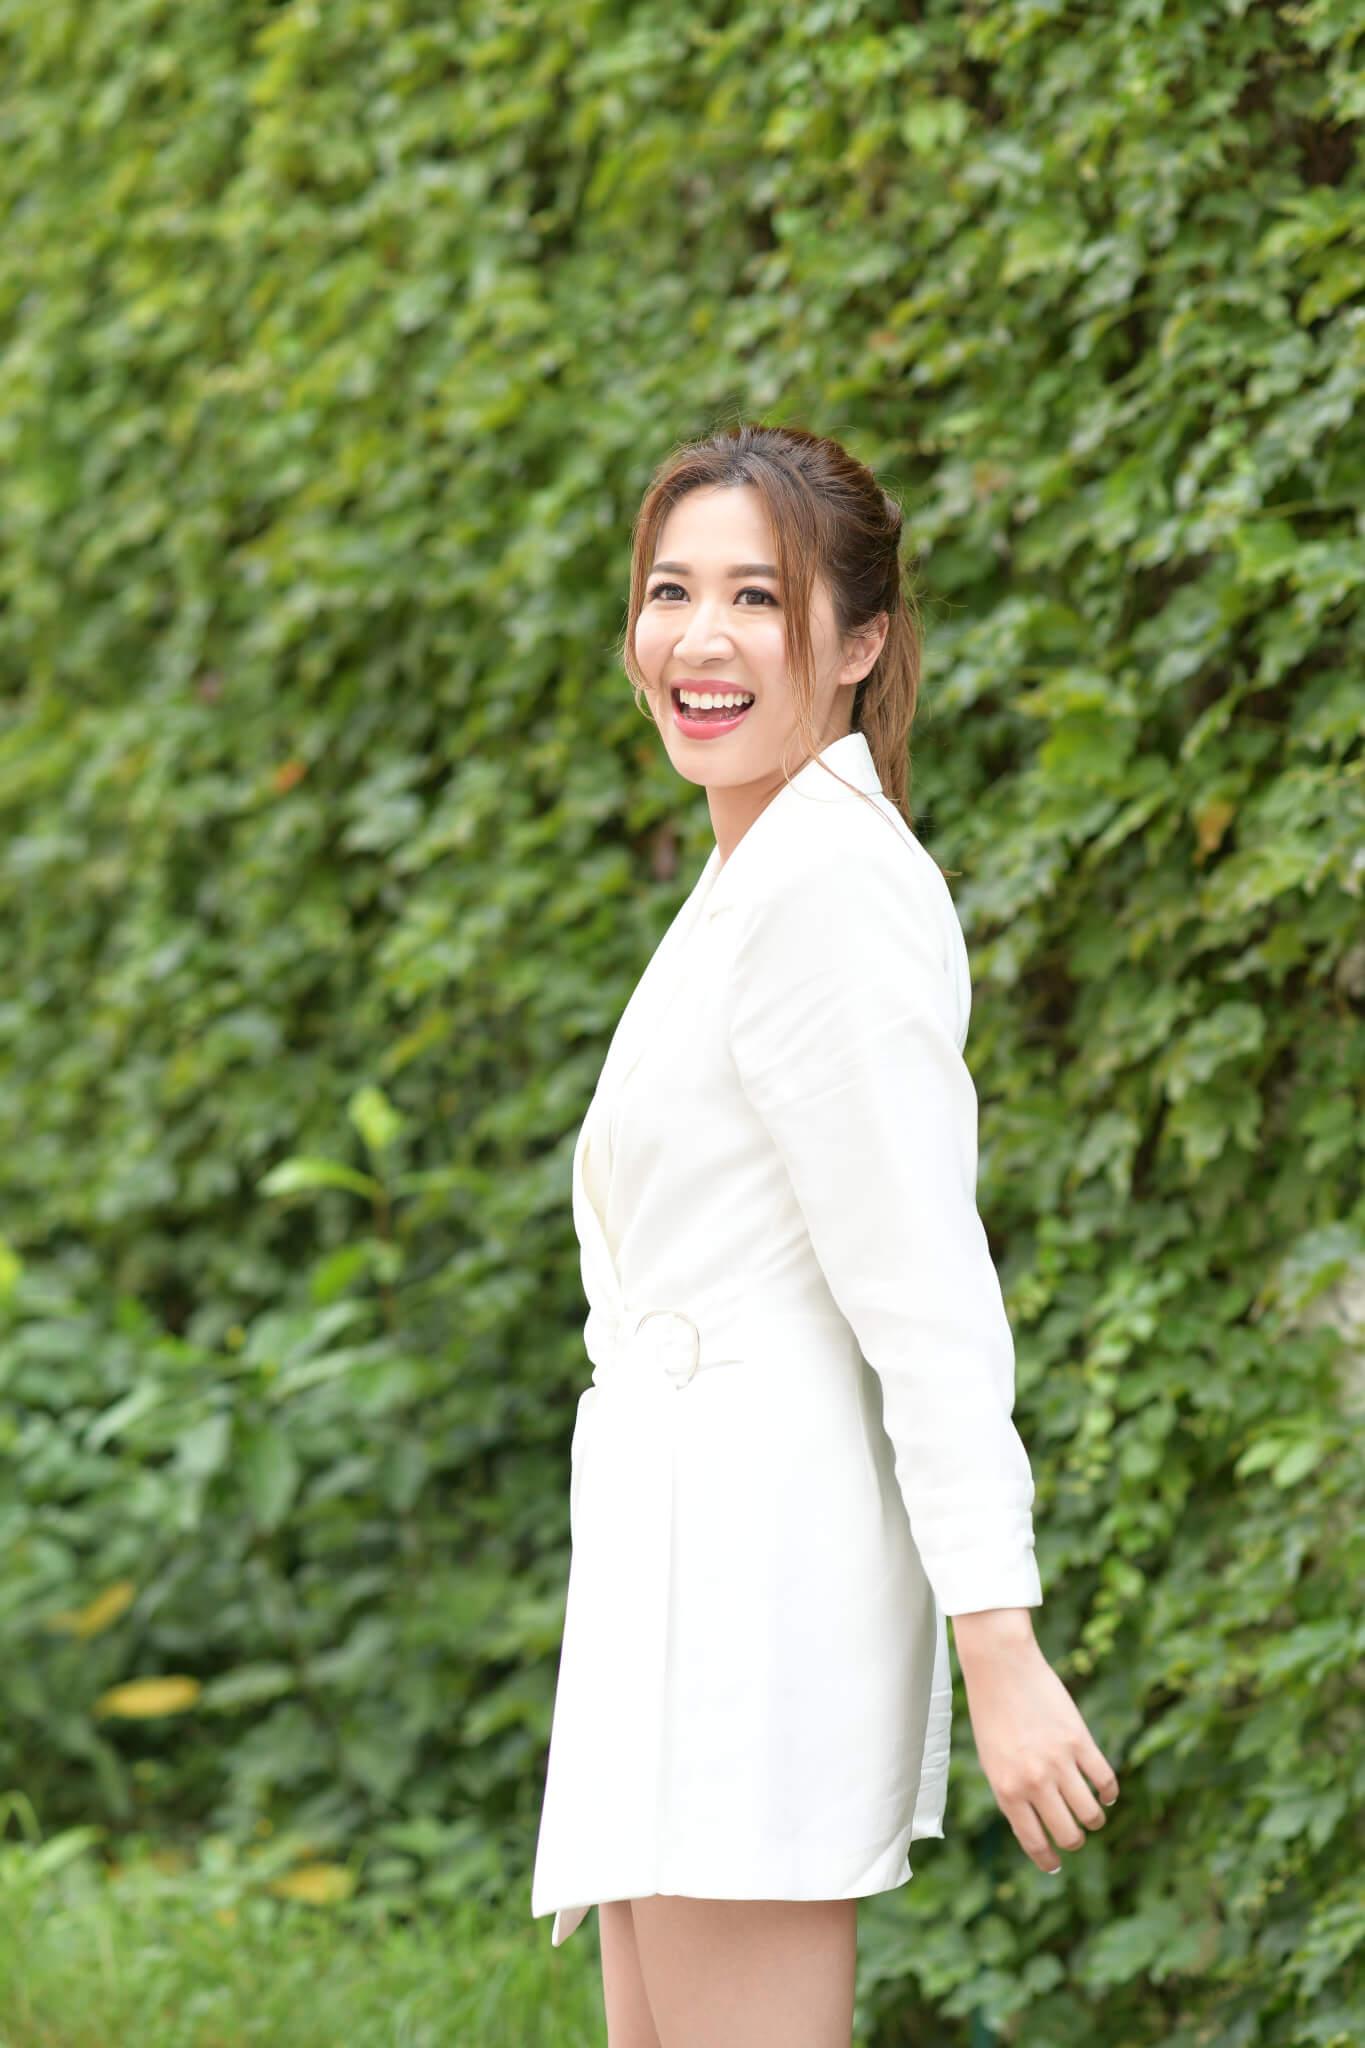 岑杏賢去年底於朋友婚禮上認識Kelvin,兩人一拍即合。